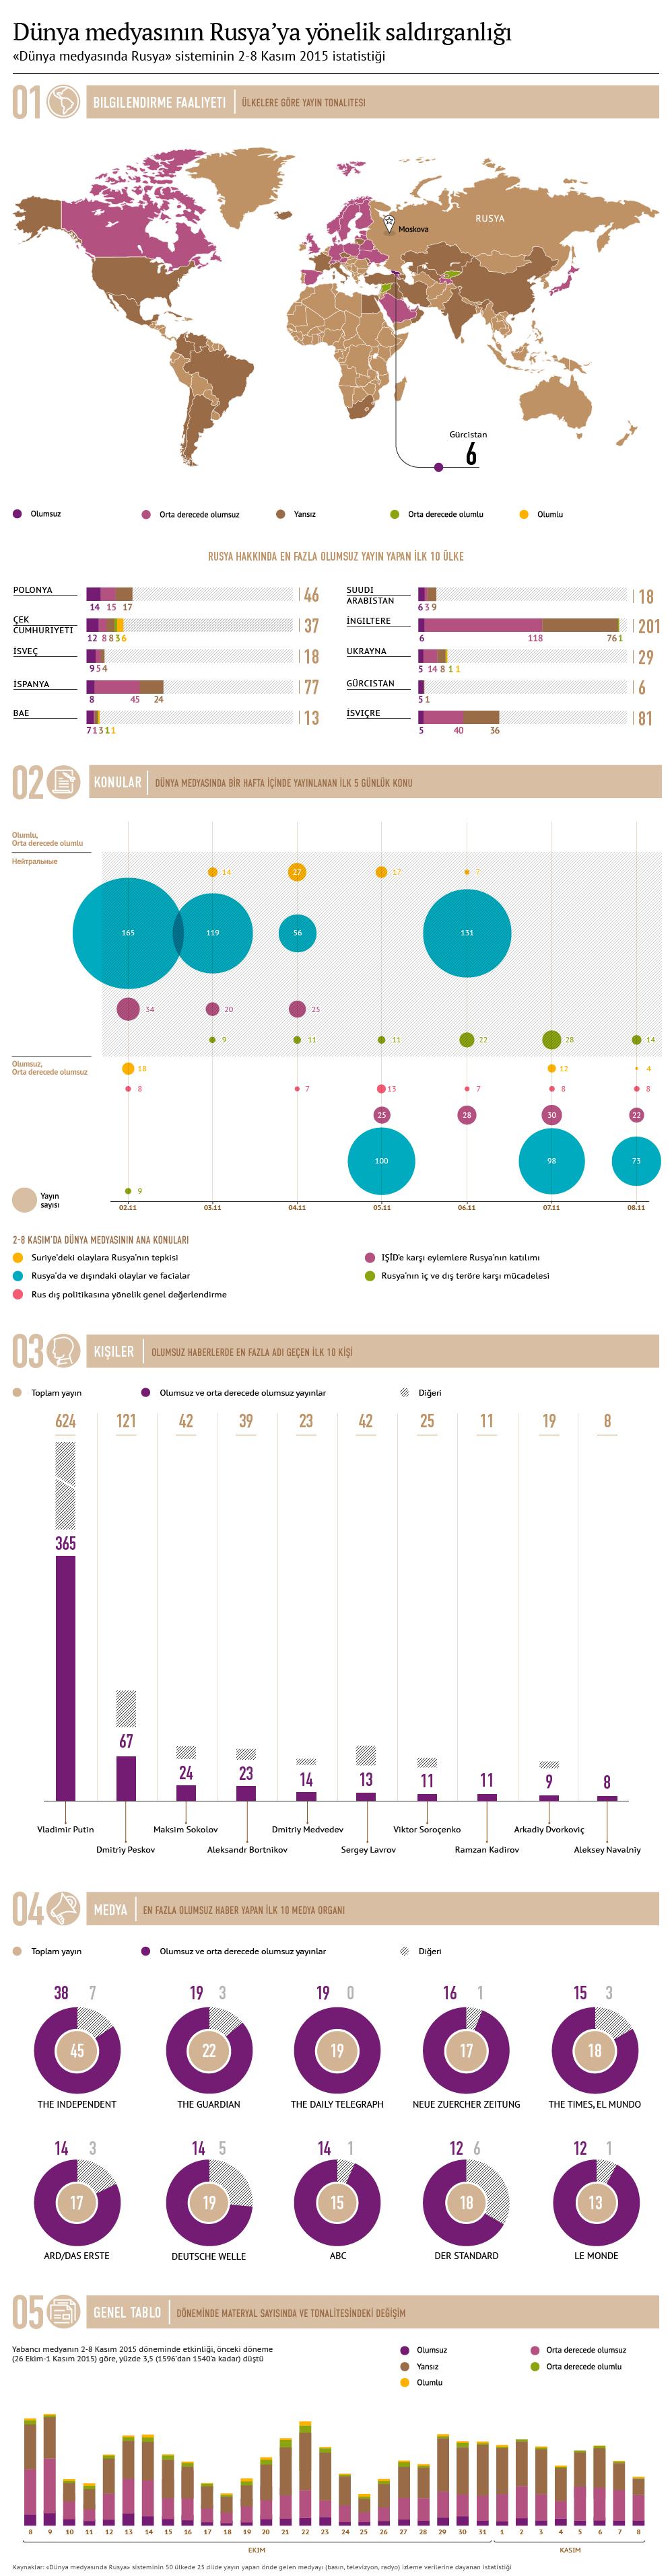 Dünyada Rusya görünümü: yabancı medya analizi